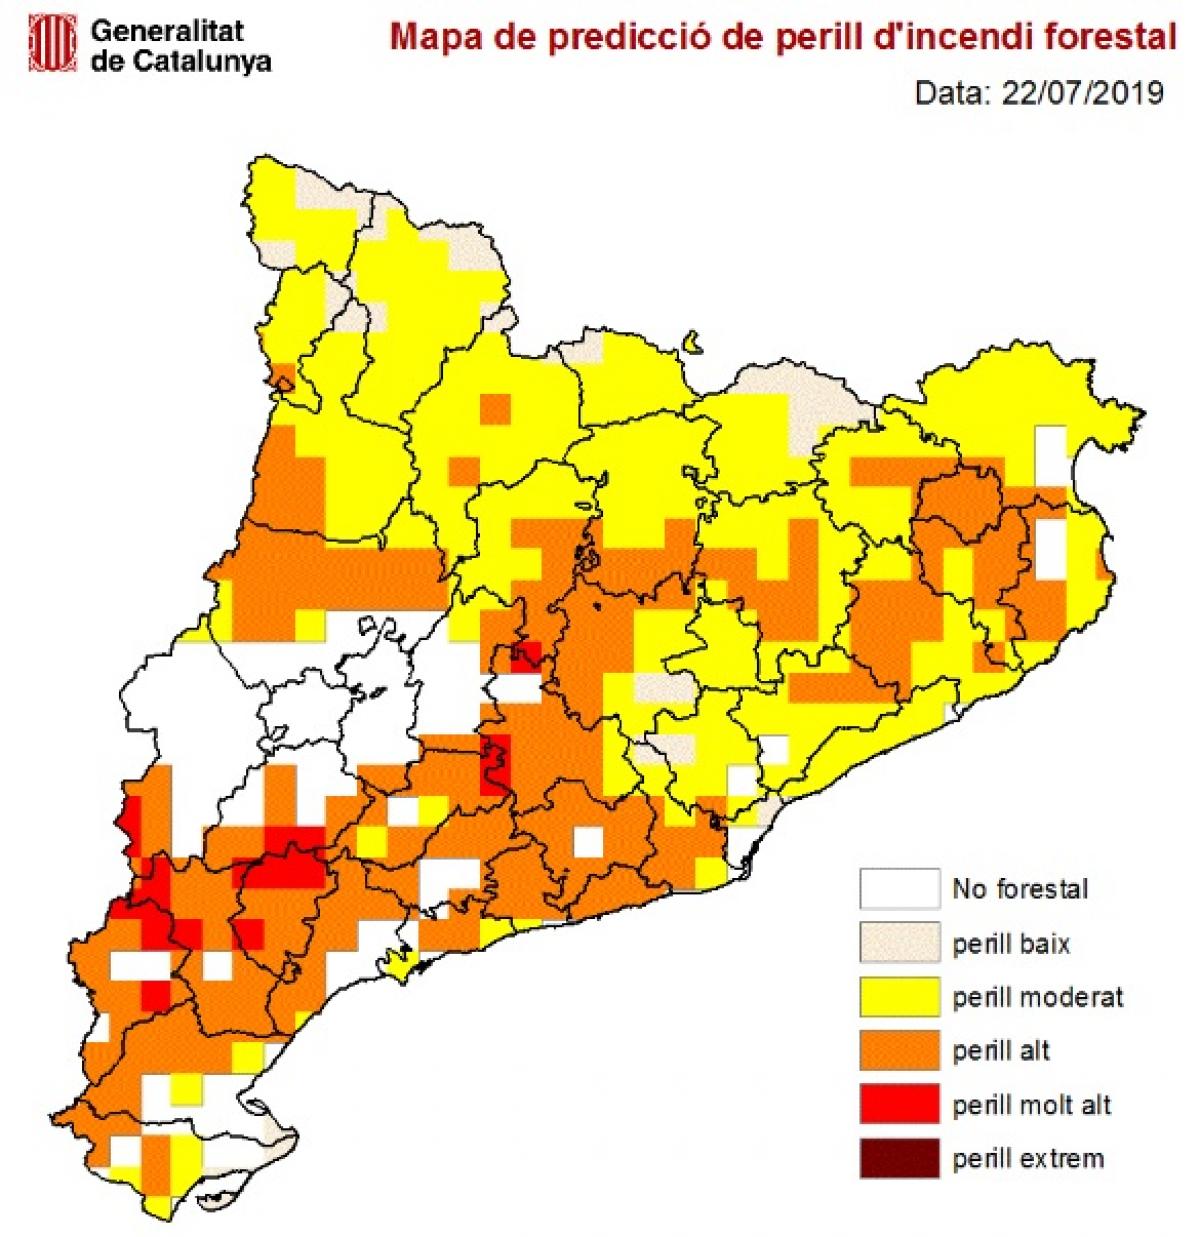 Mapa de predicció de perill d'incendi forestal.